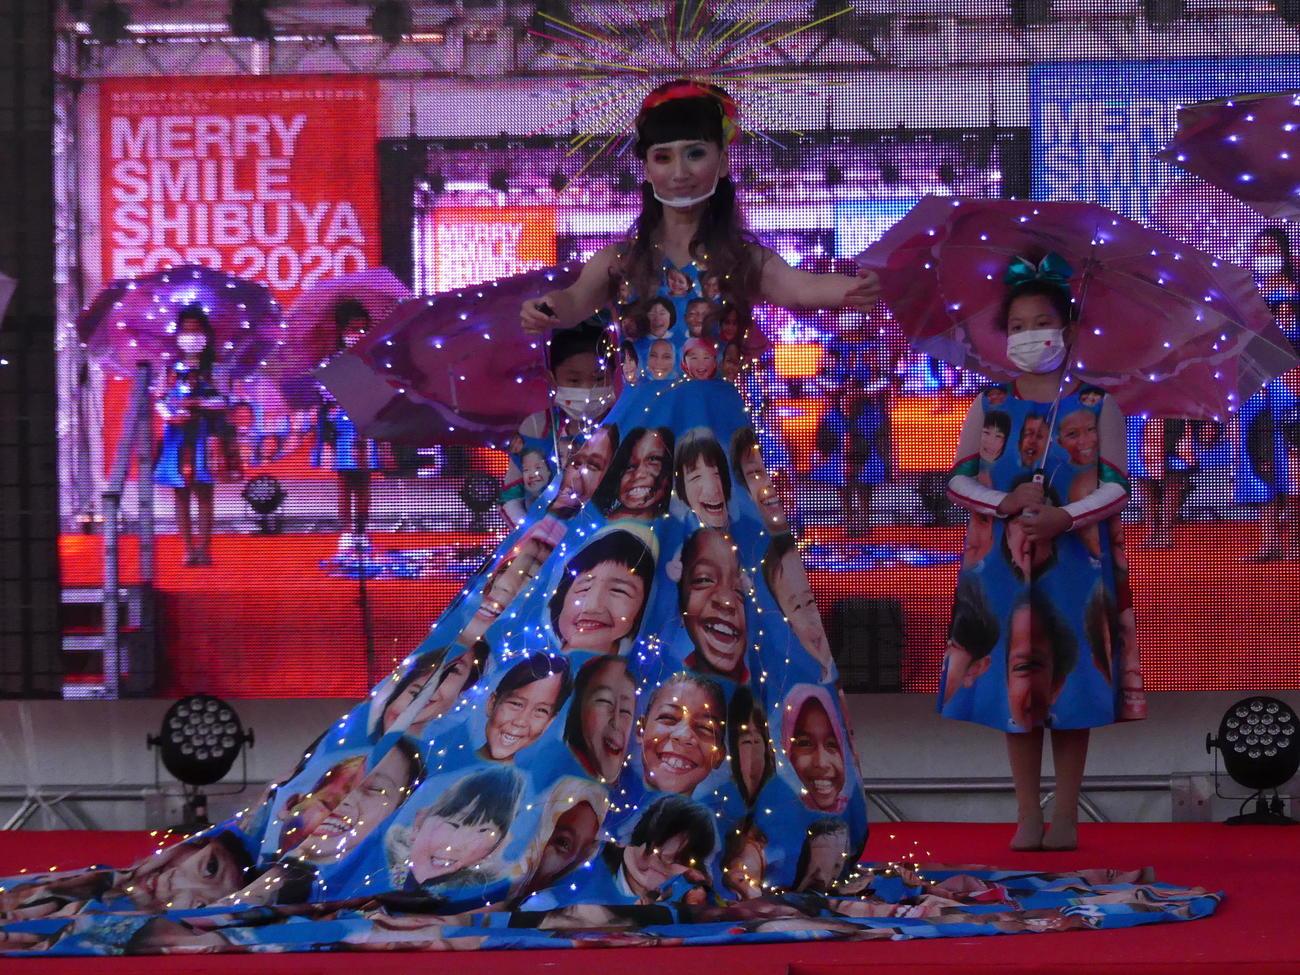 東京パラリンピックに向けた渋谷区文化プログラムで、夕暮れ時、LED電灯がちりばめられた「笑顔のドレス」が披露された